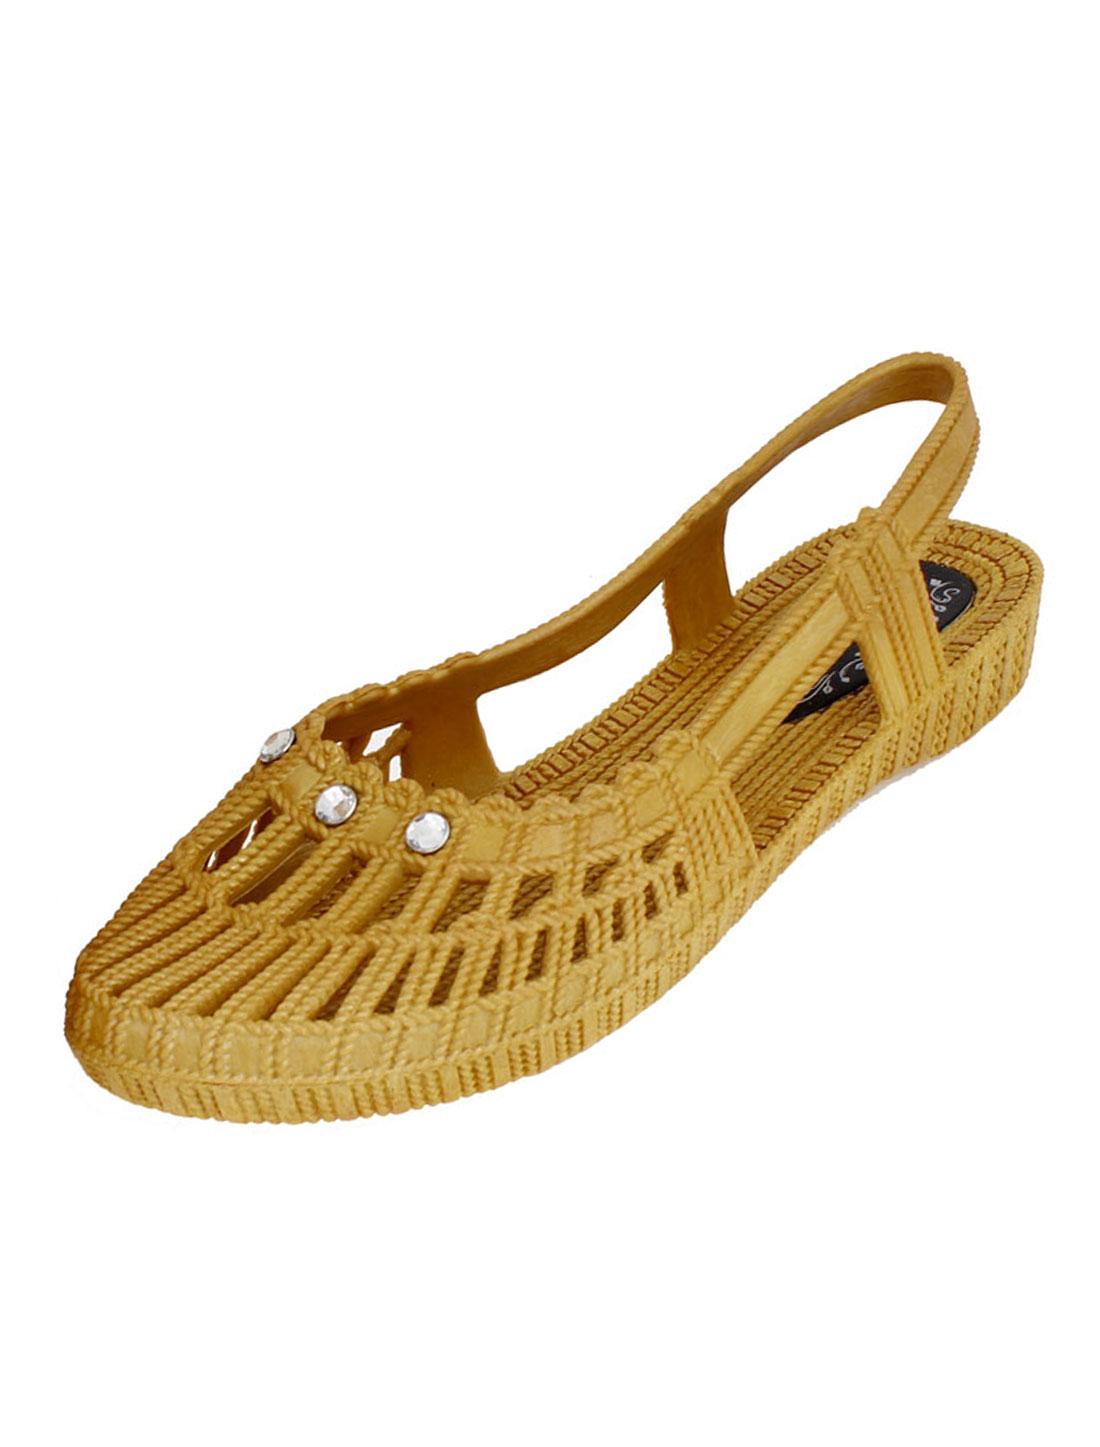 Eva Foam Rhinestone Decor Garden Strap Back Shoes Sandals Khaki UK 6